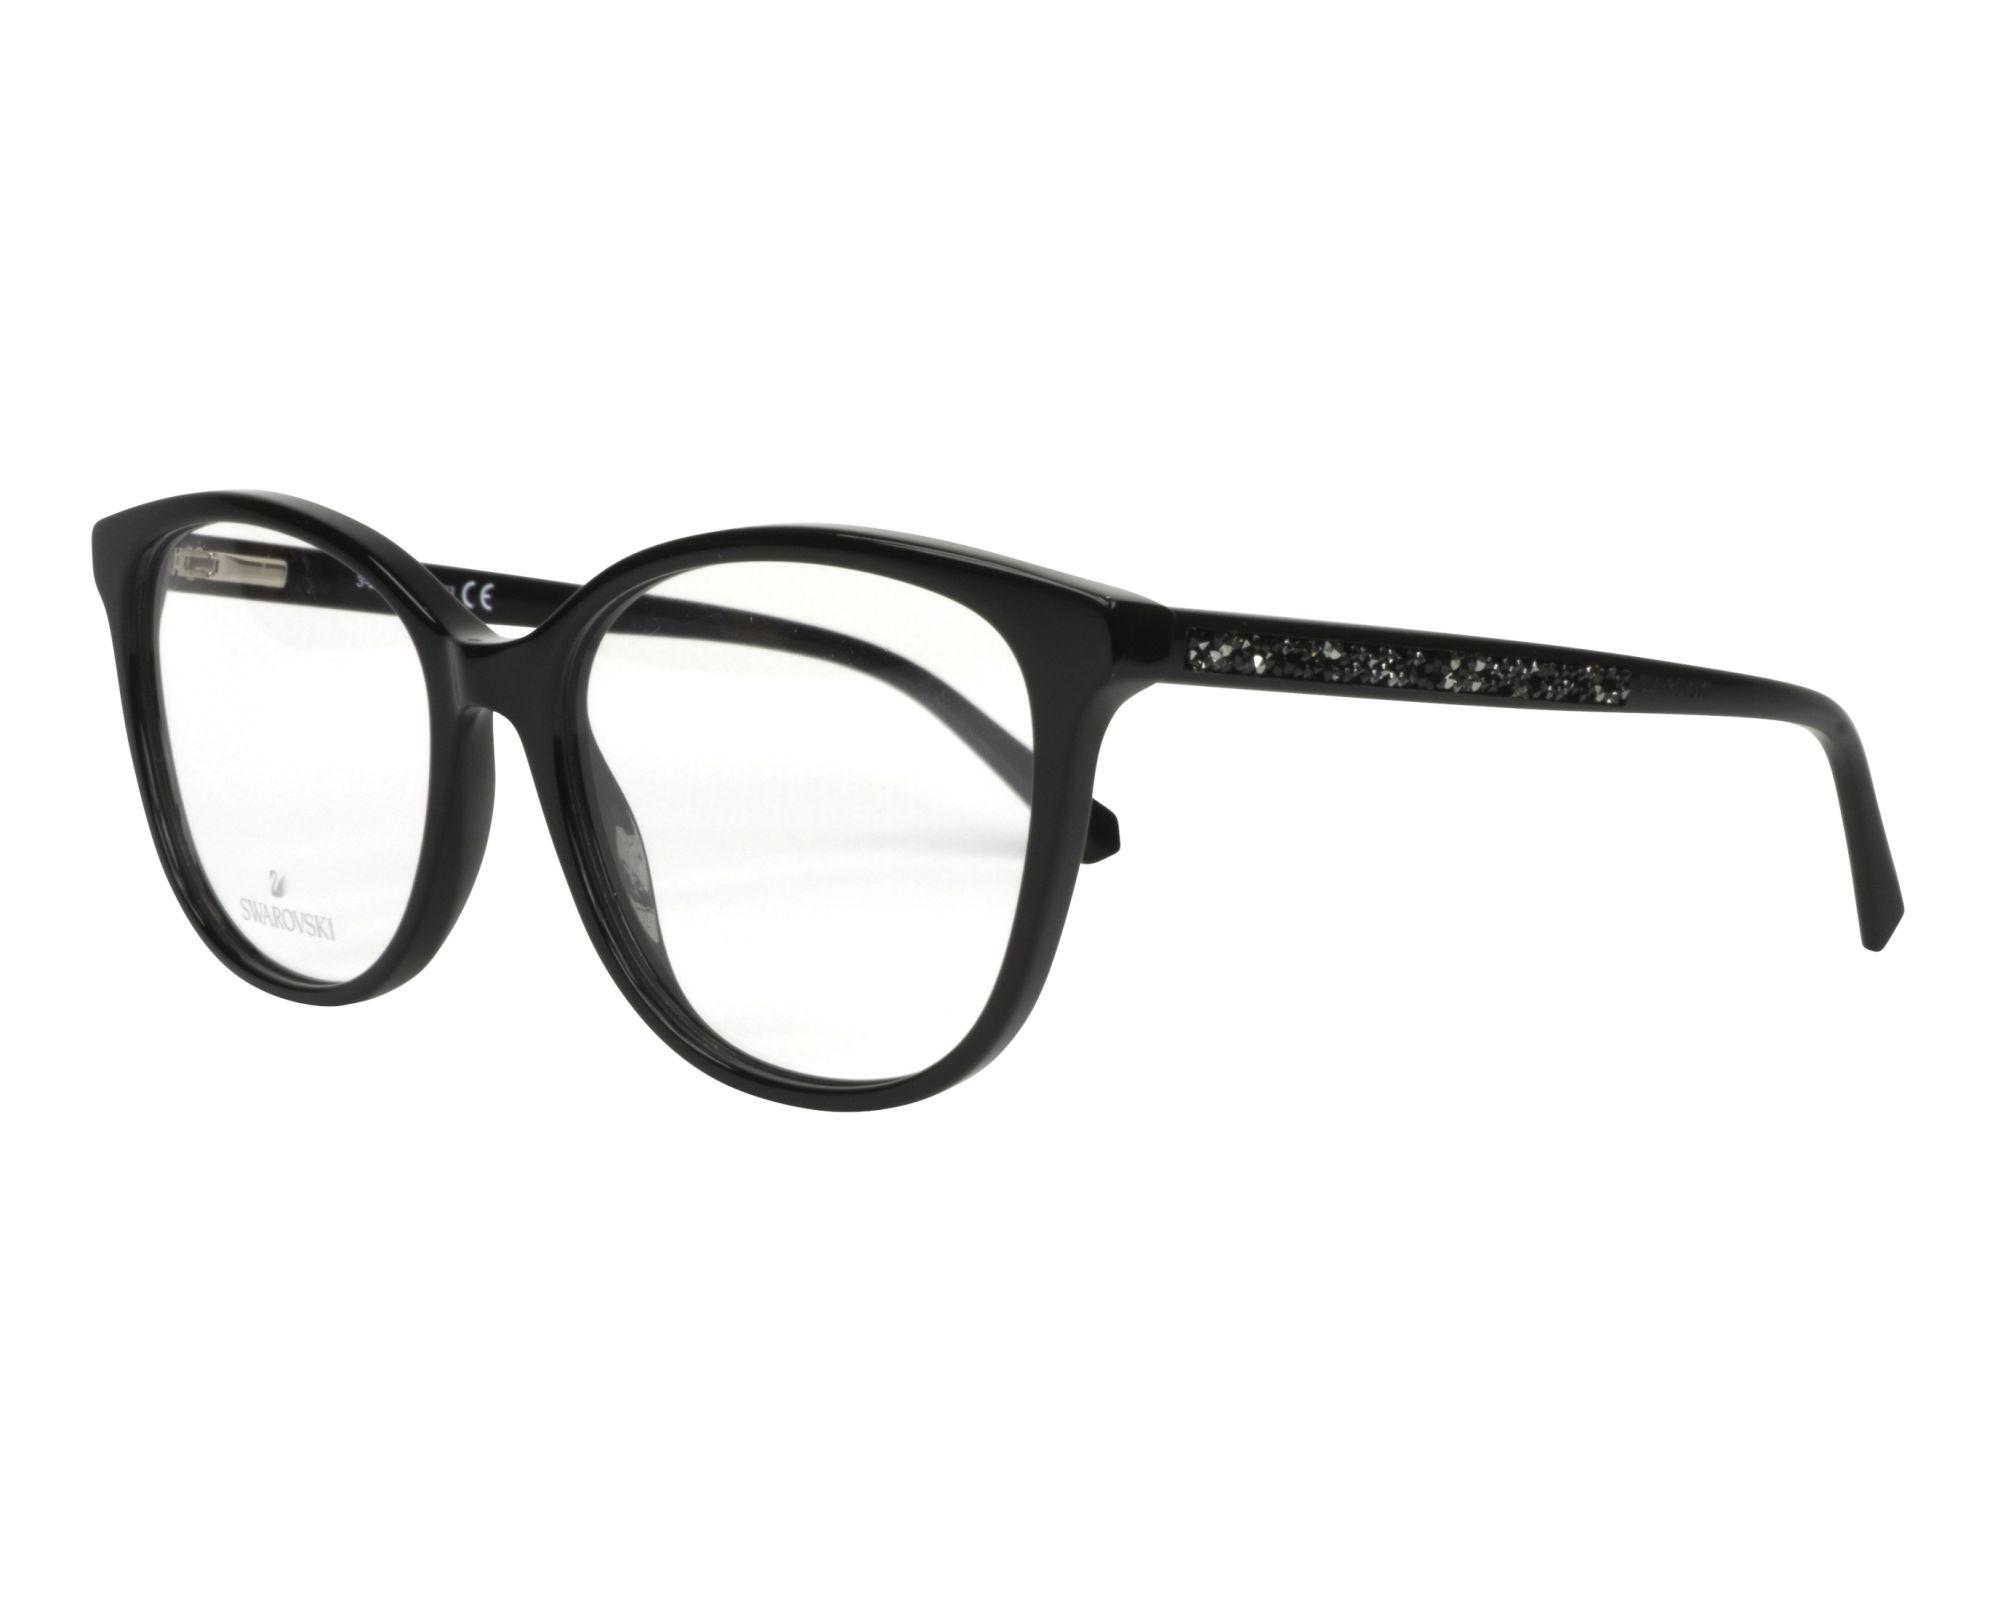 976f637736 eyeglasses Swarovski SK-5264-V 001 54-16 Black Black profile view